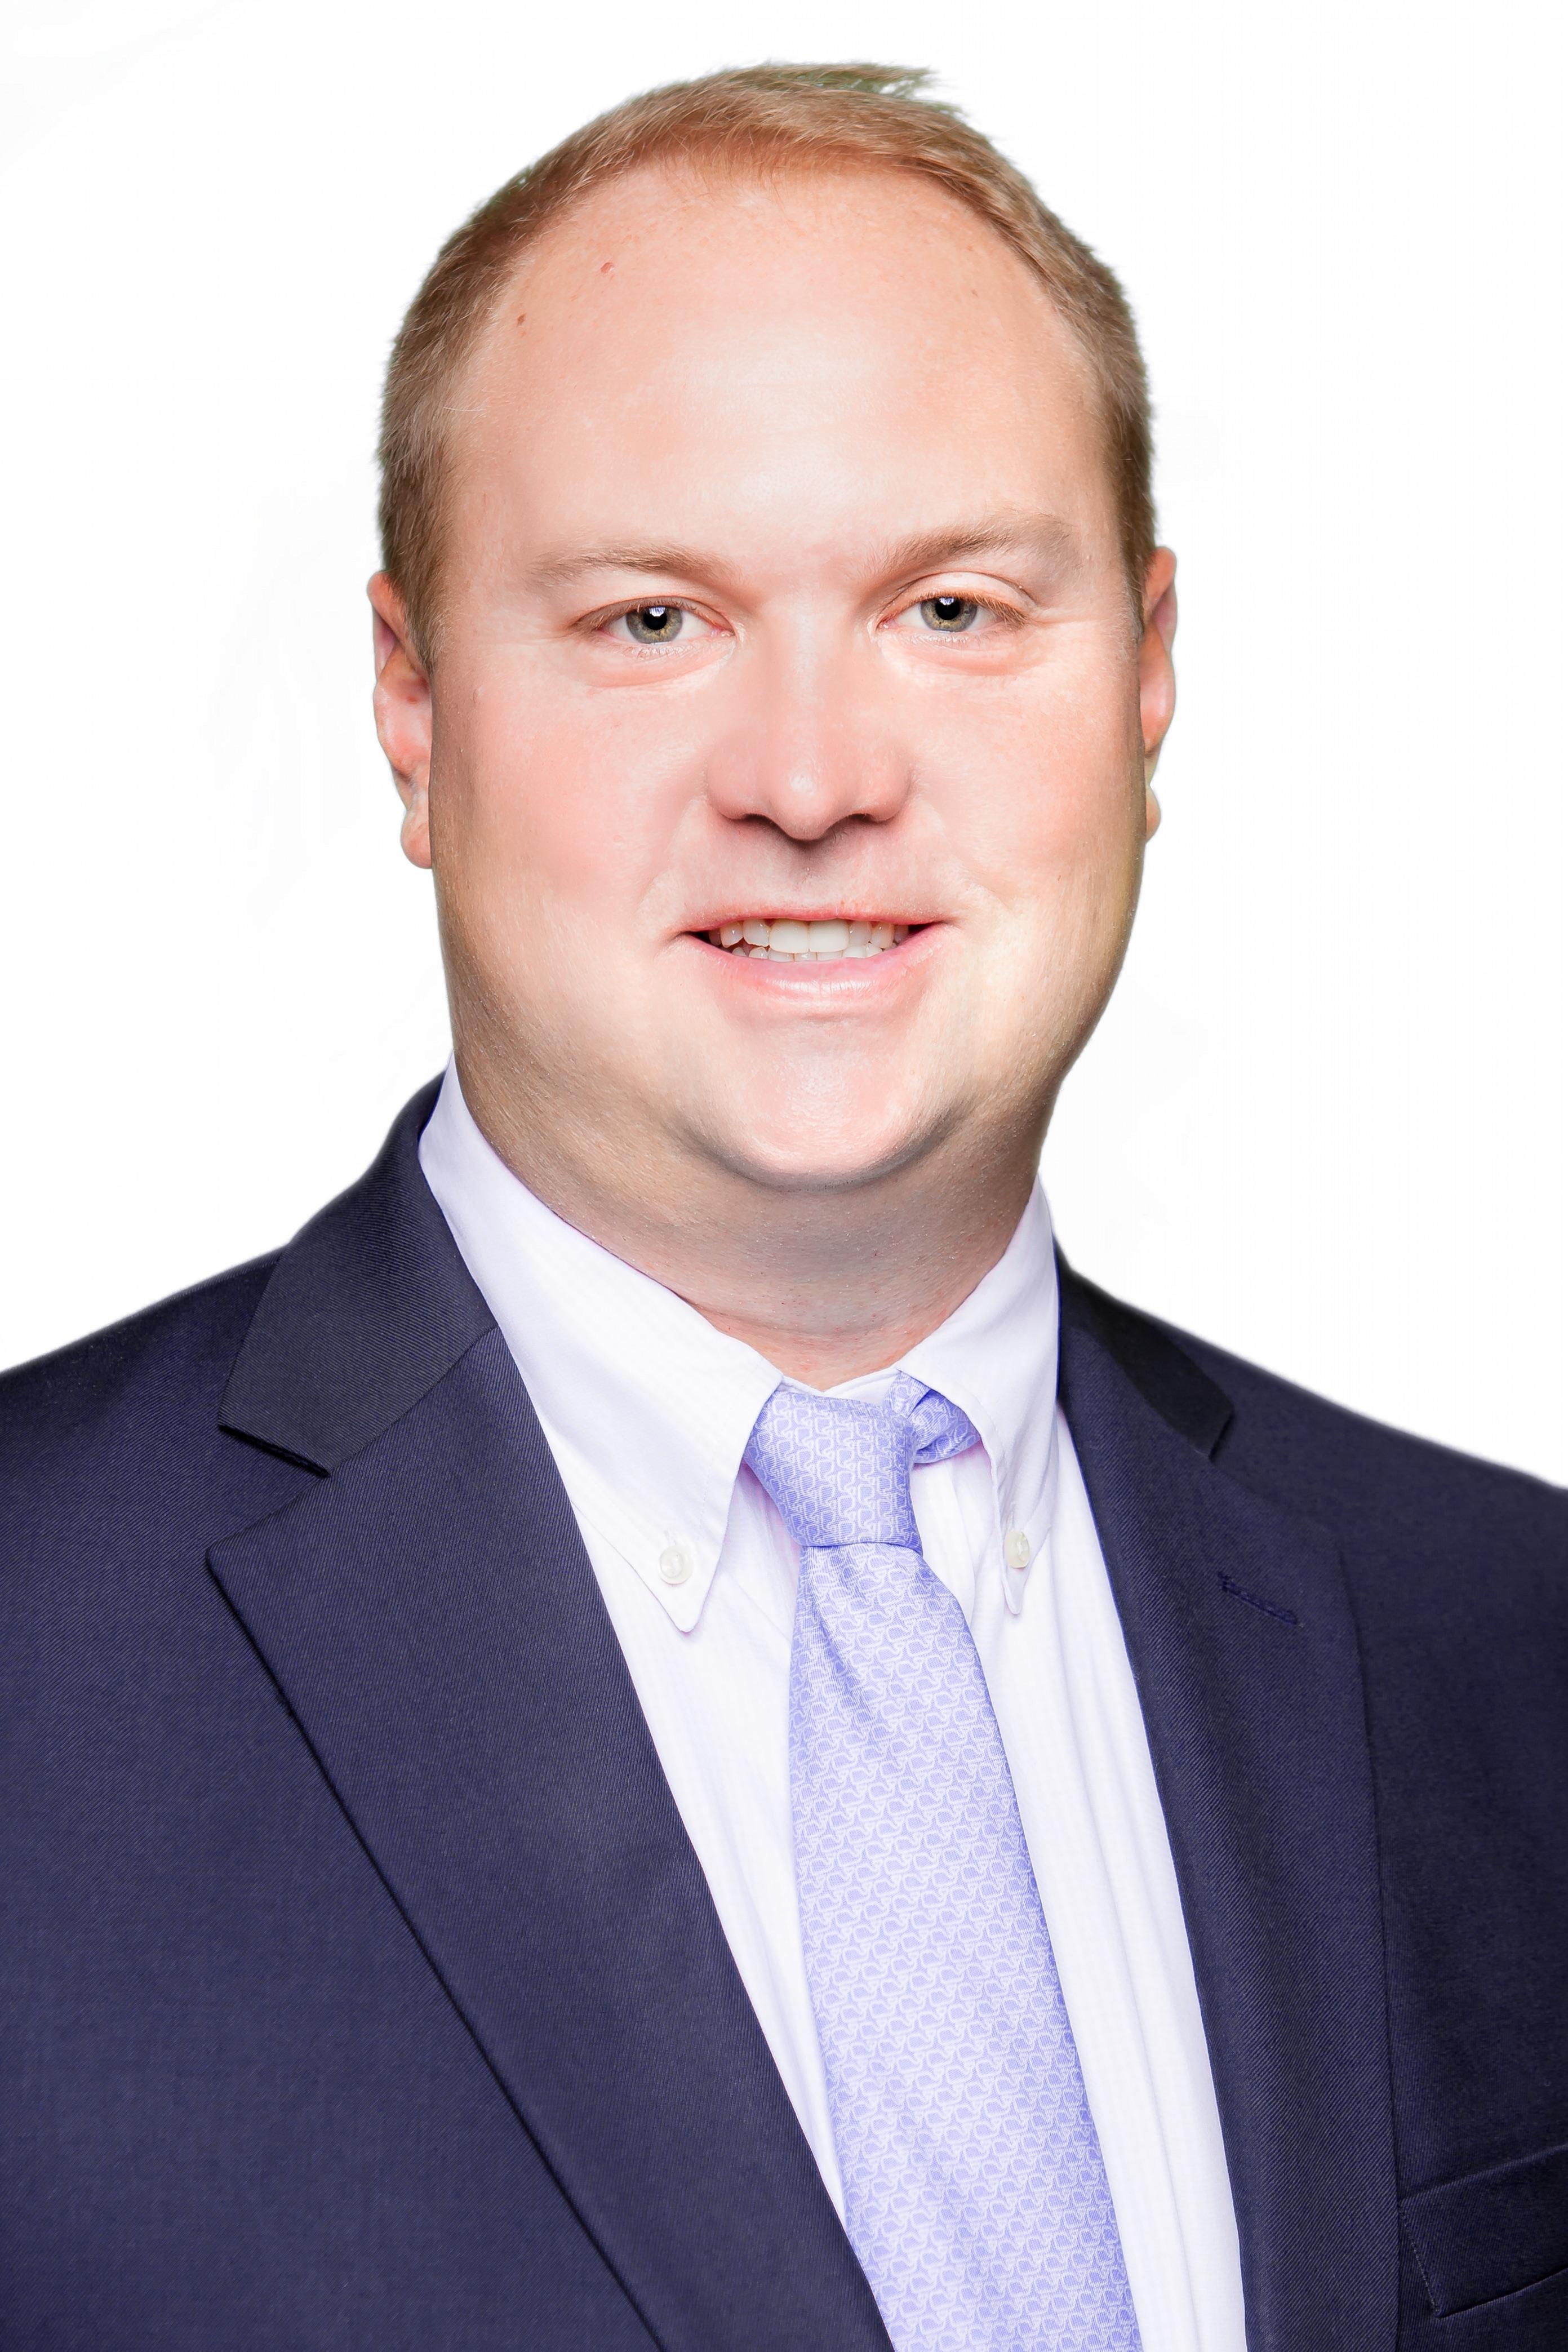 Stephen R. Arndt, MD